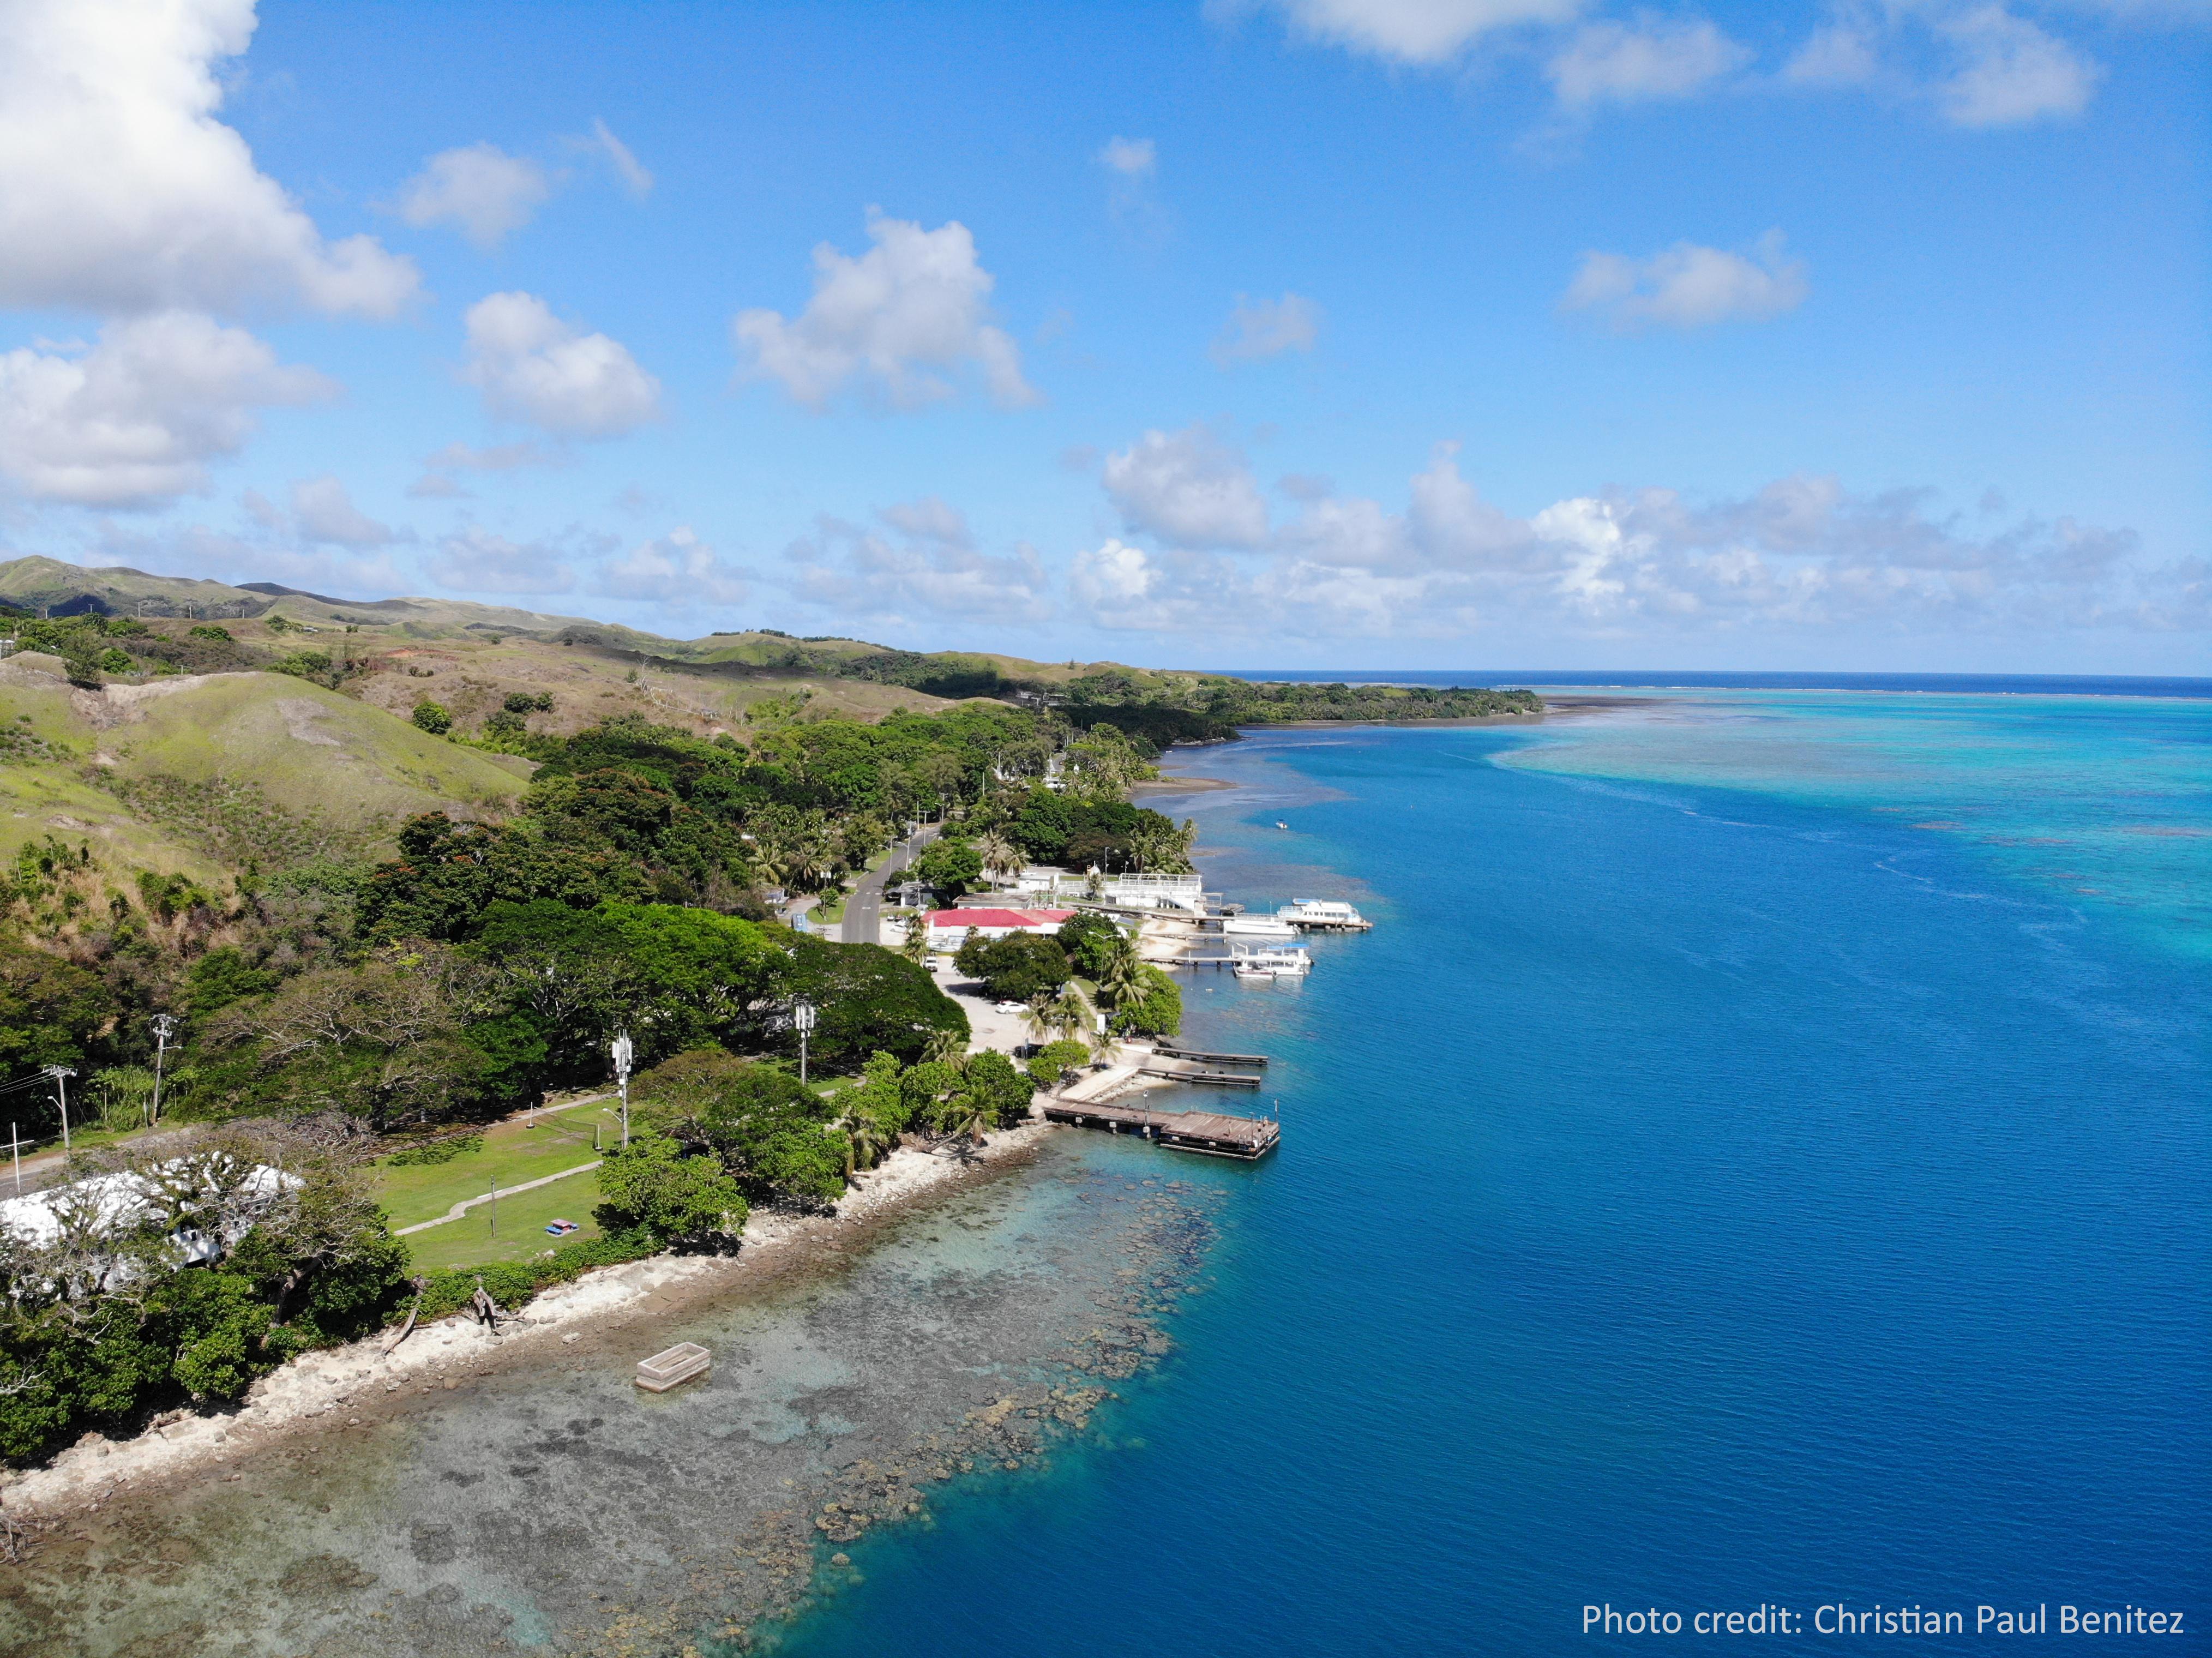 Merizo Pier and lagoon in Merizo Village, Guam